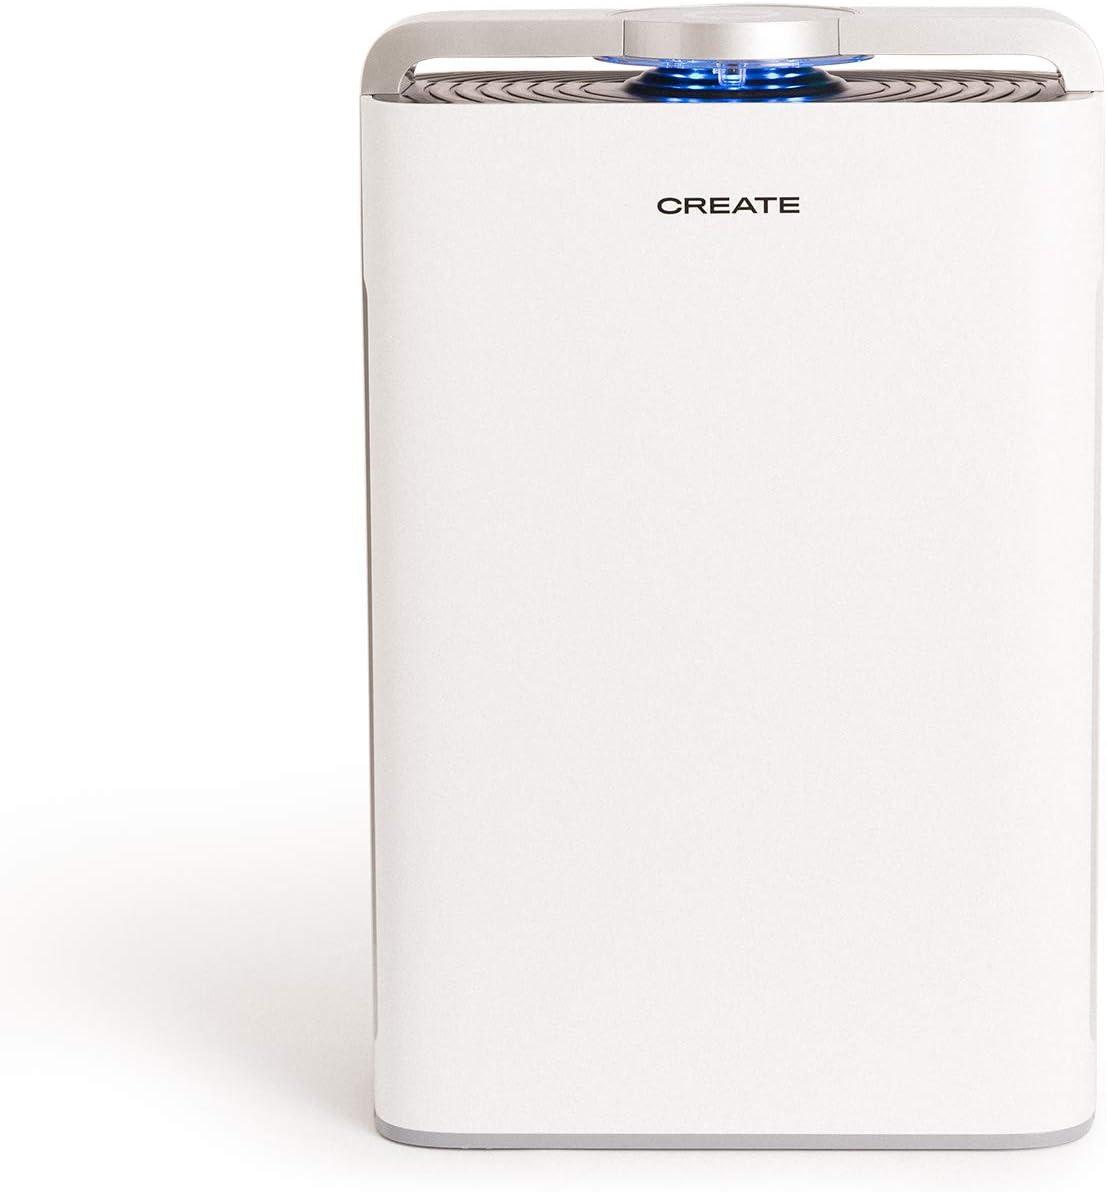 CREATE IKOHS Air Pure Advance - Purificador de Aire Portátil de 8 etapas, WiFi, Filtrado Múltiple, Filtro HEPA H13 y Carbón Activo, Luz Ultravioleta UV y Humidificación, hasta 60m²,cadr de 480m³/h